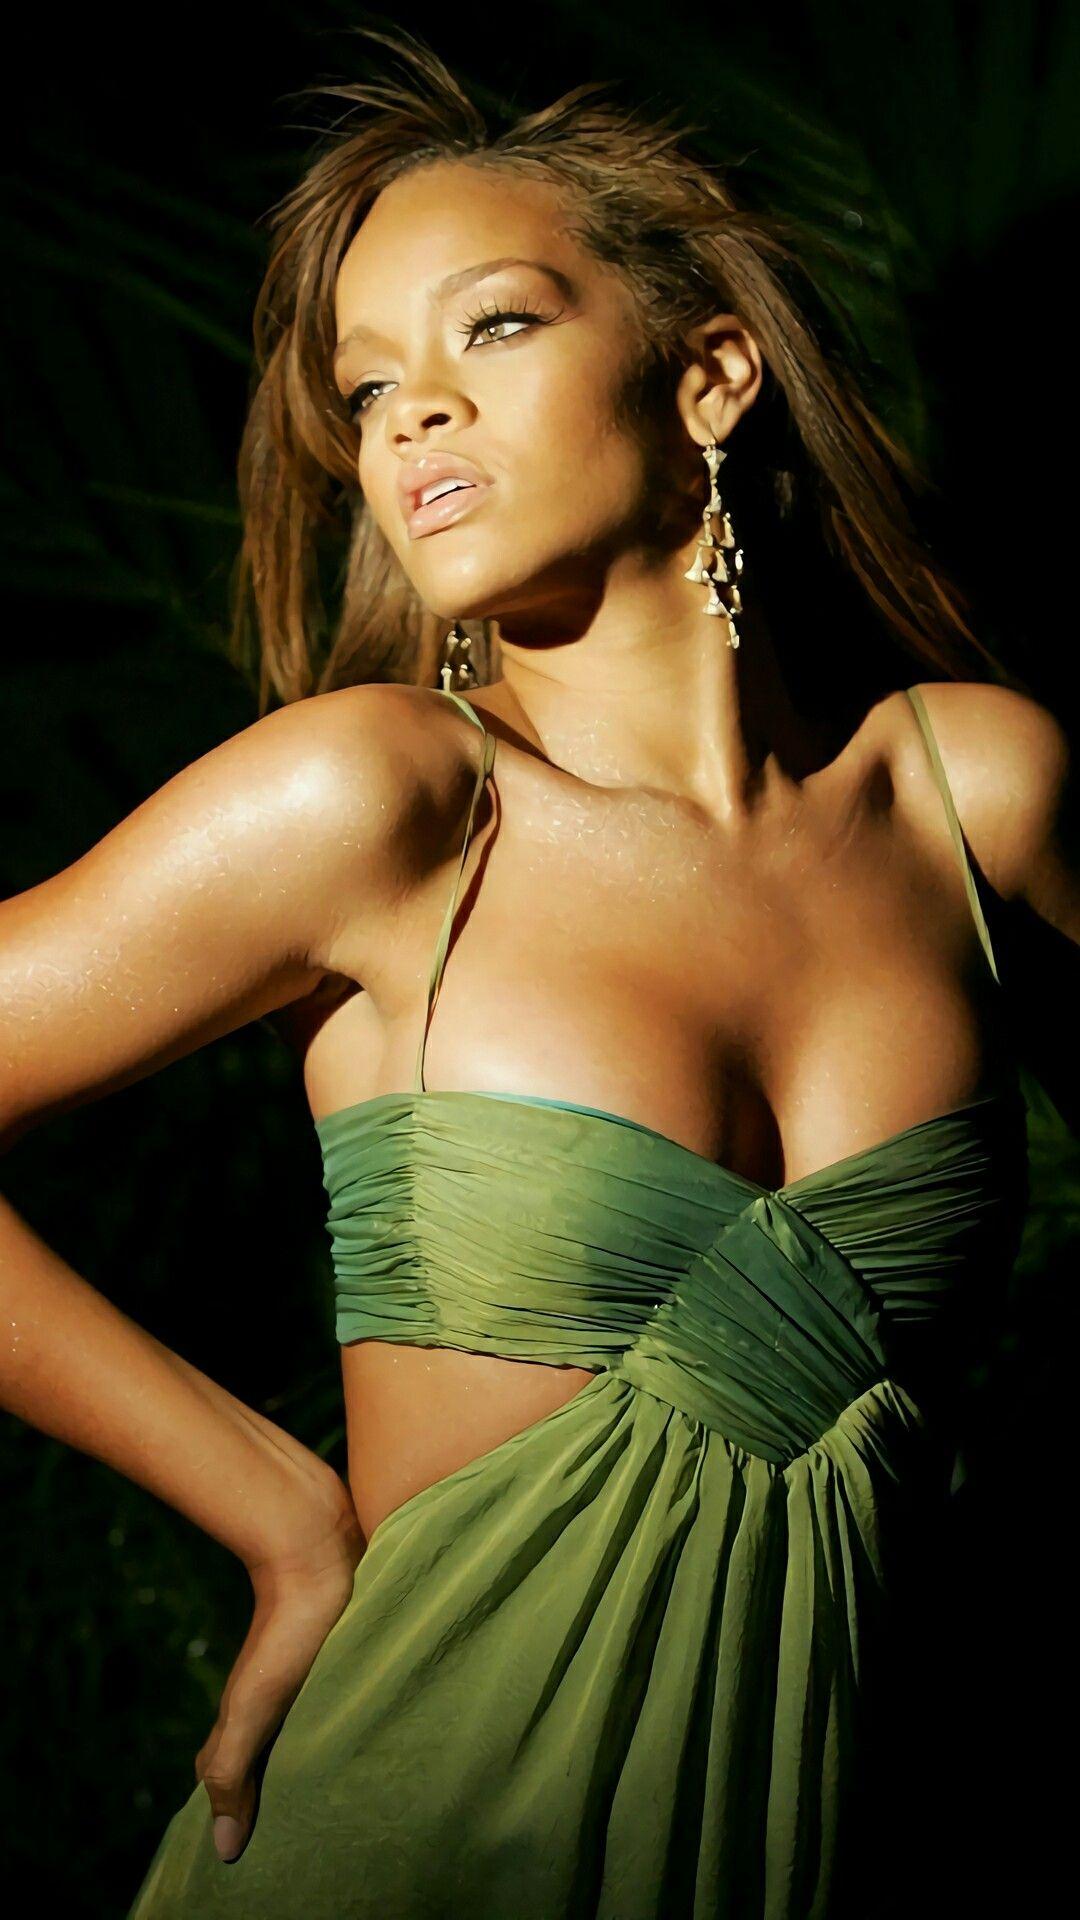 Rihanna Sos [ 1920 x 1080 Pixel ]